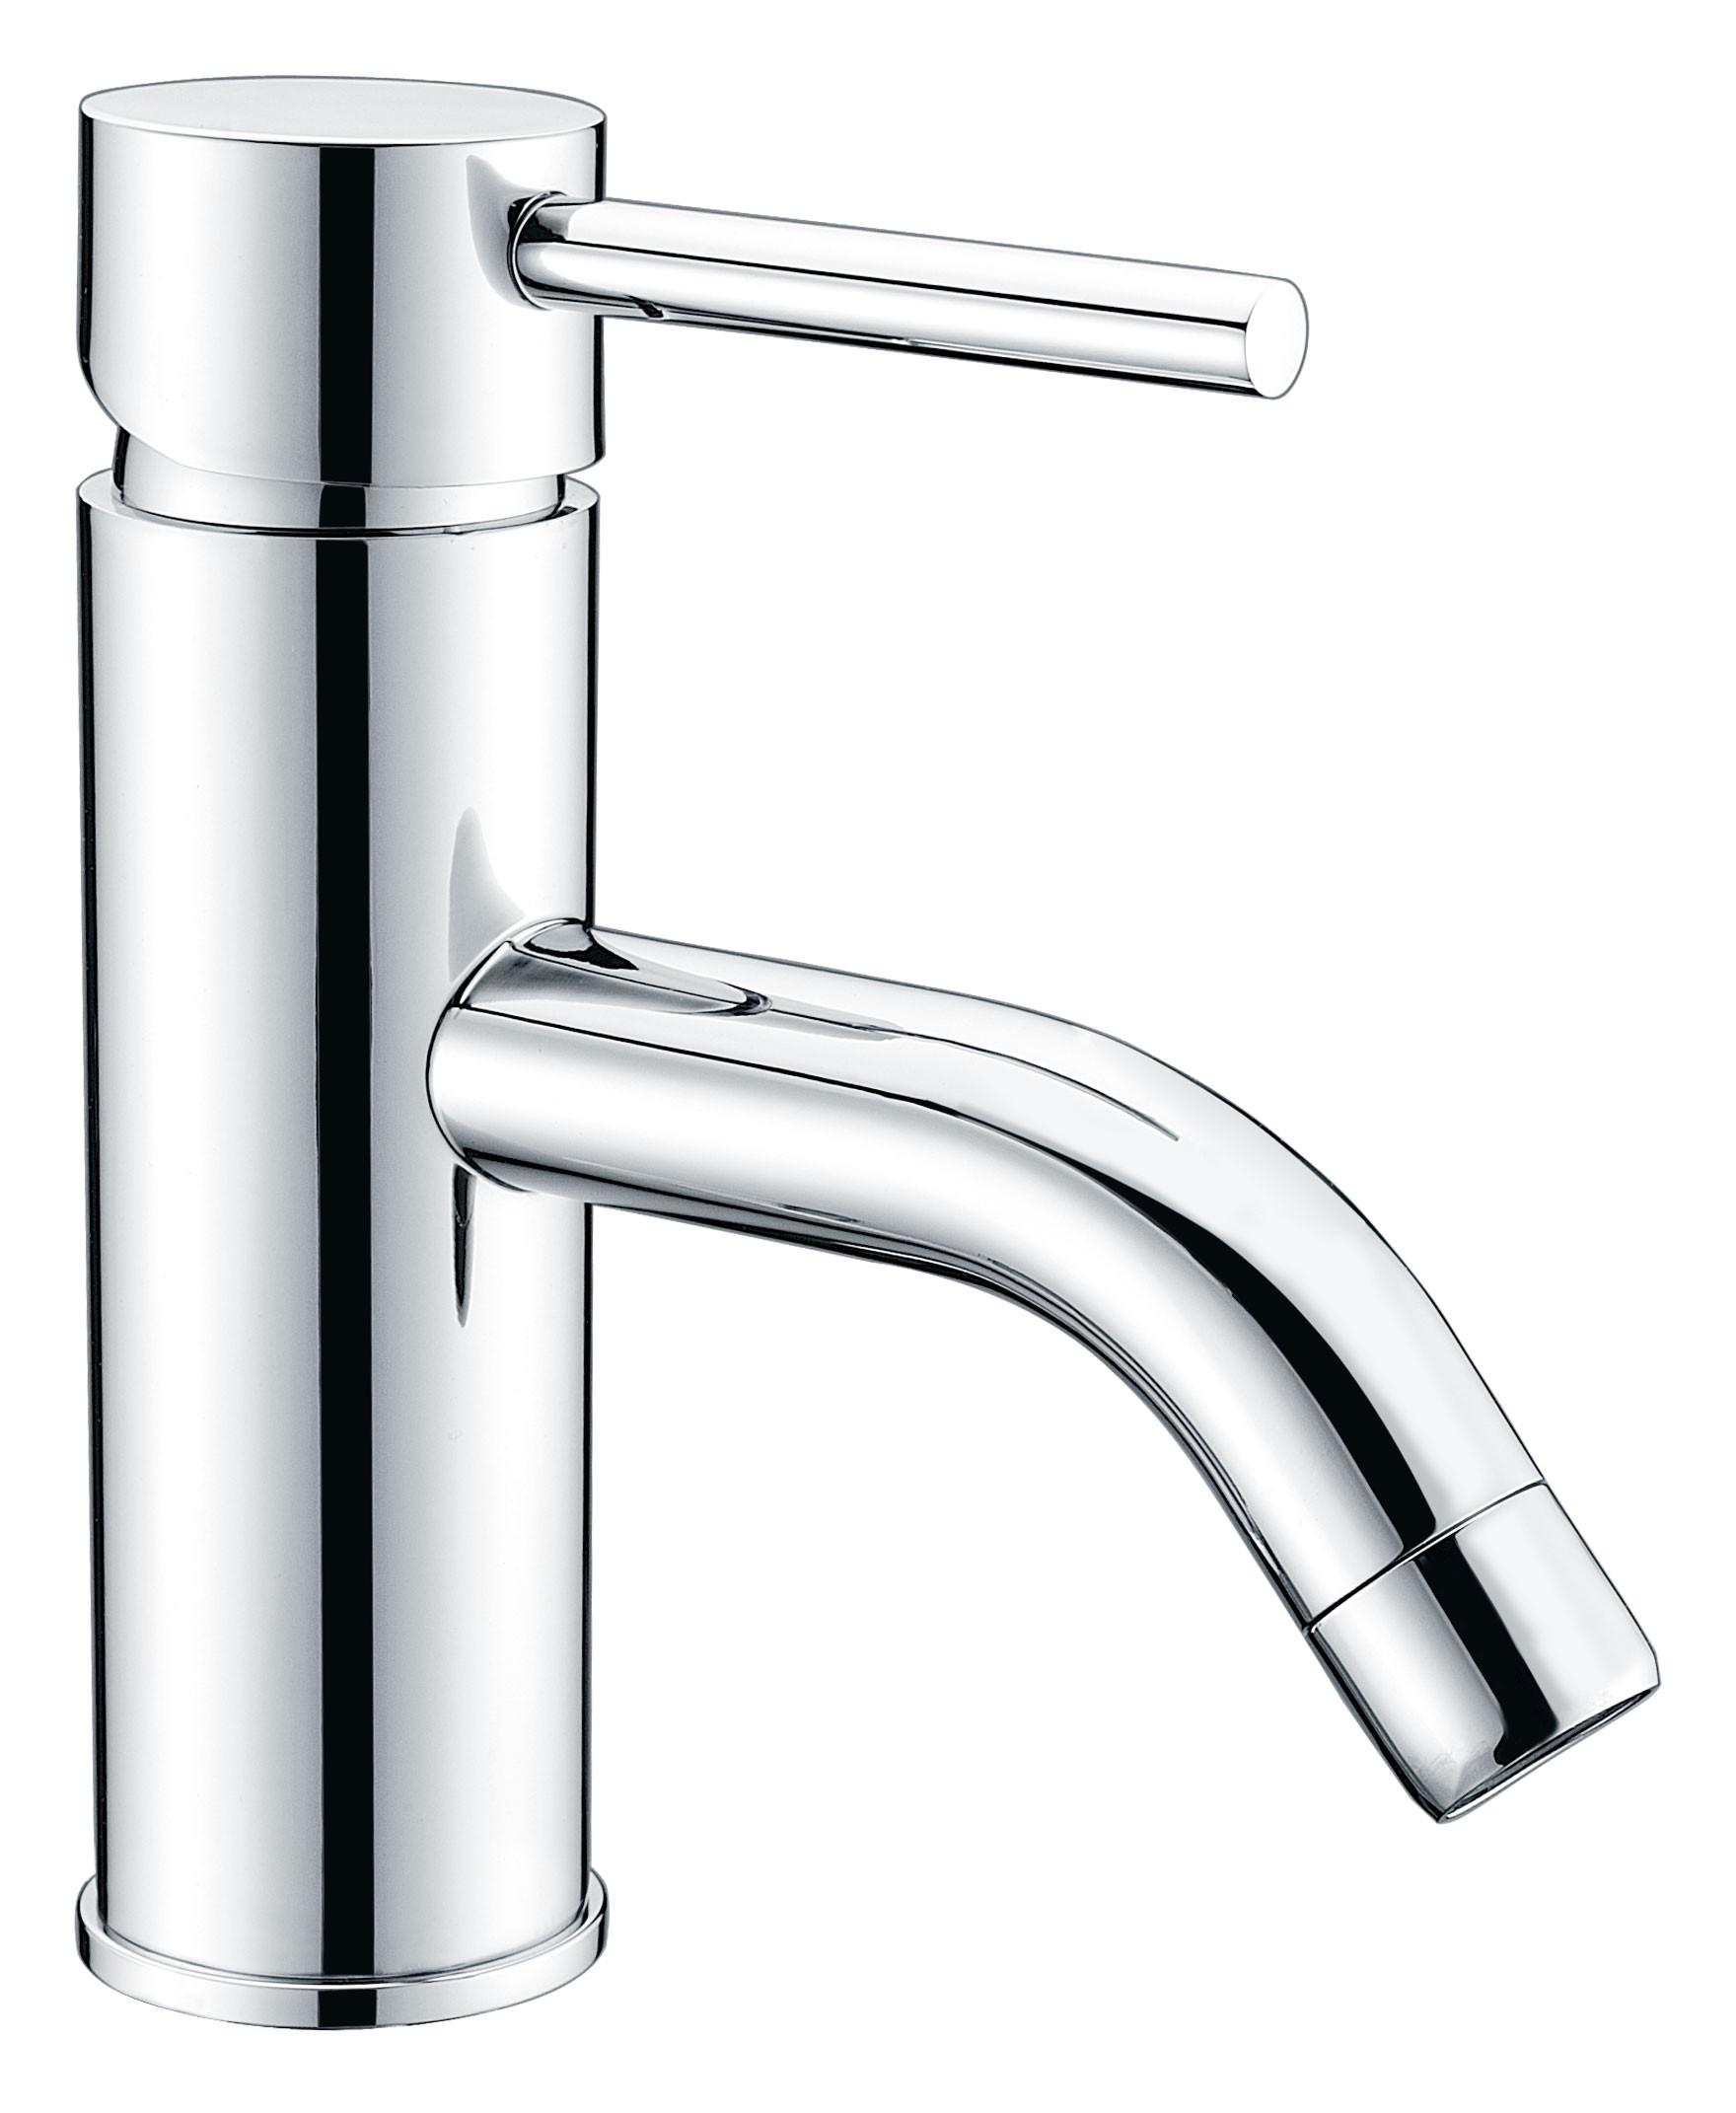 ANZZI L-AZ030 Bravo Brass Low-Arc Bathroom Faucet In Polished Chrome